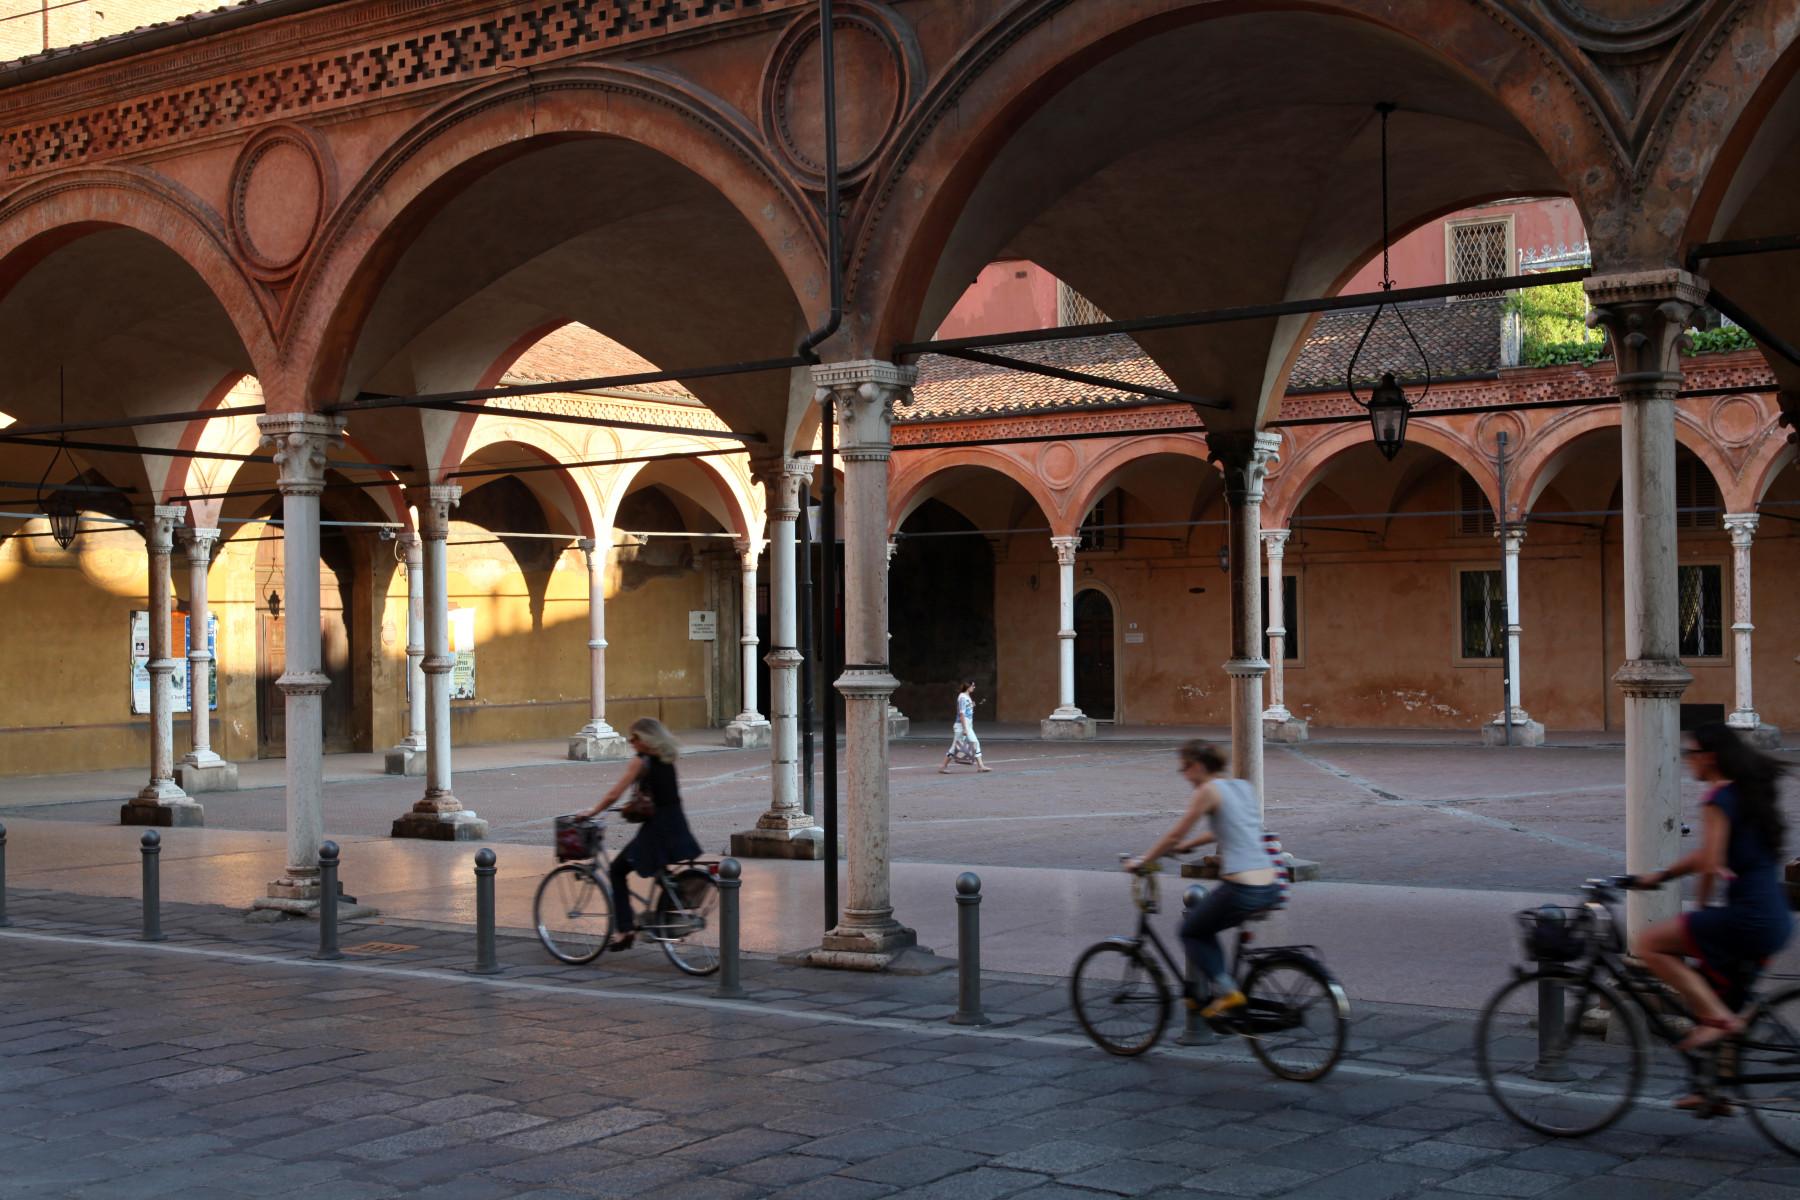 Bologna. (chiesa) Basilica di Santa Maria dei Servi. Iniziata a partire dal 1345, fu ingrandita nel 1383 da Andrea da Faenza. Il portico laterale è attribuito ad Antonio di Vincenzo (1392 c.).